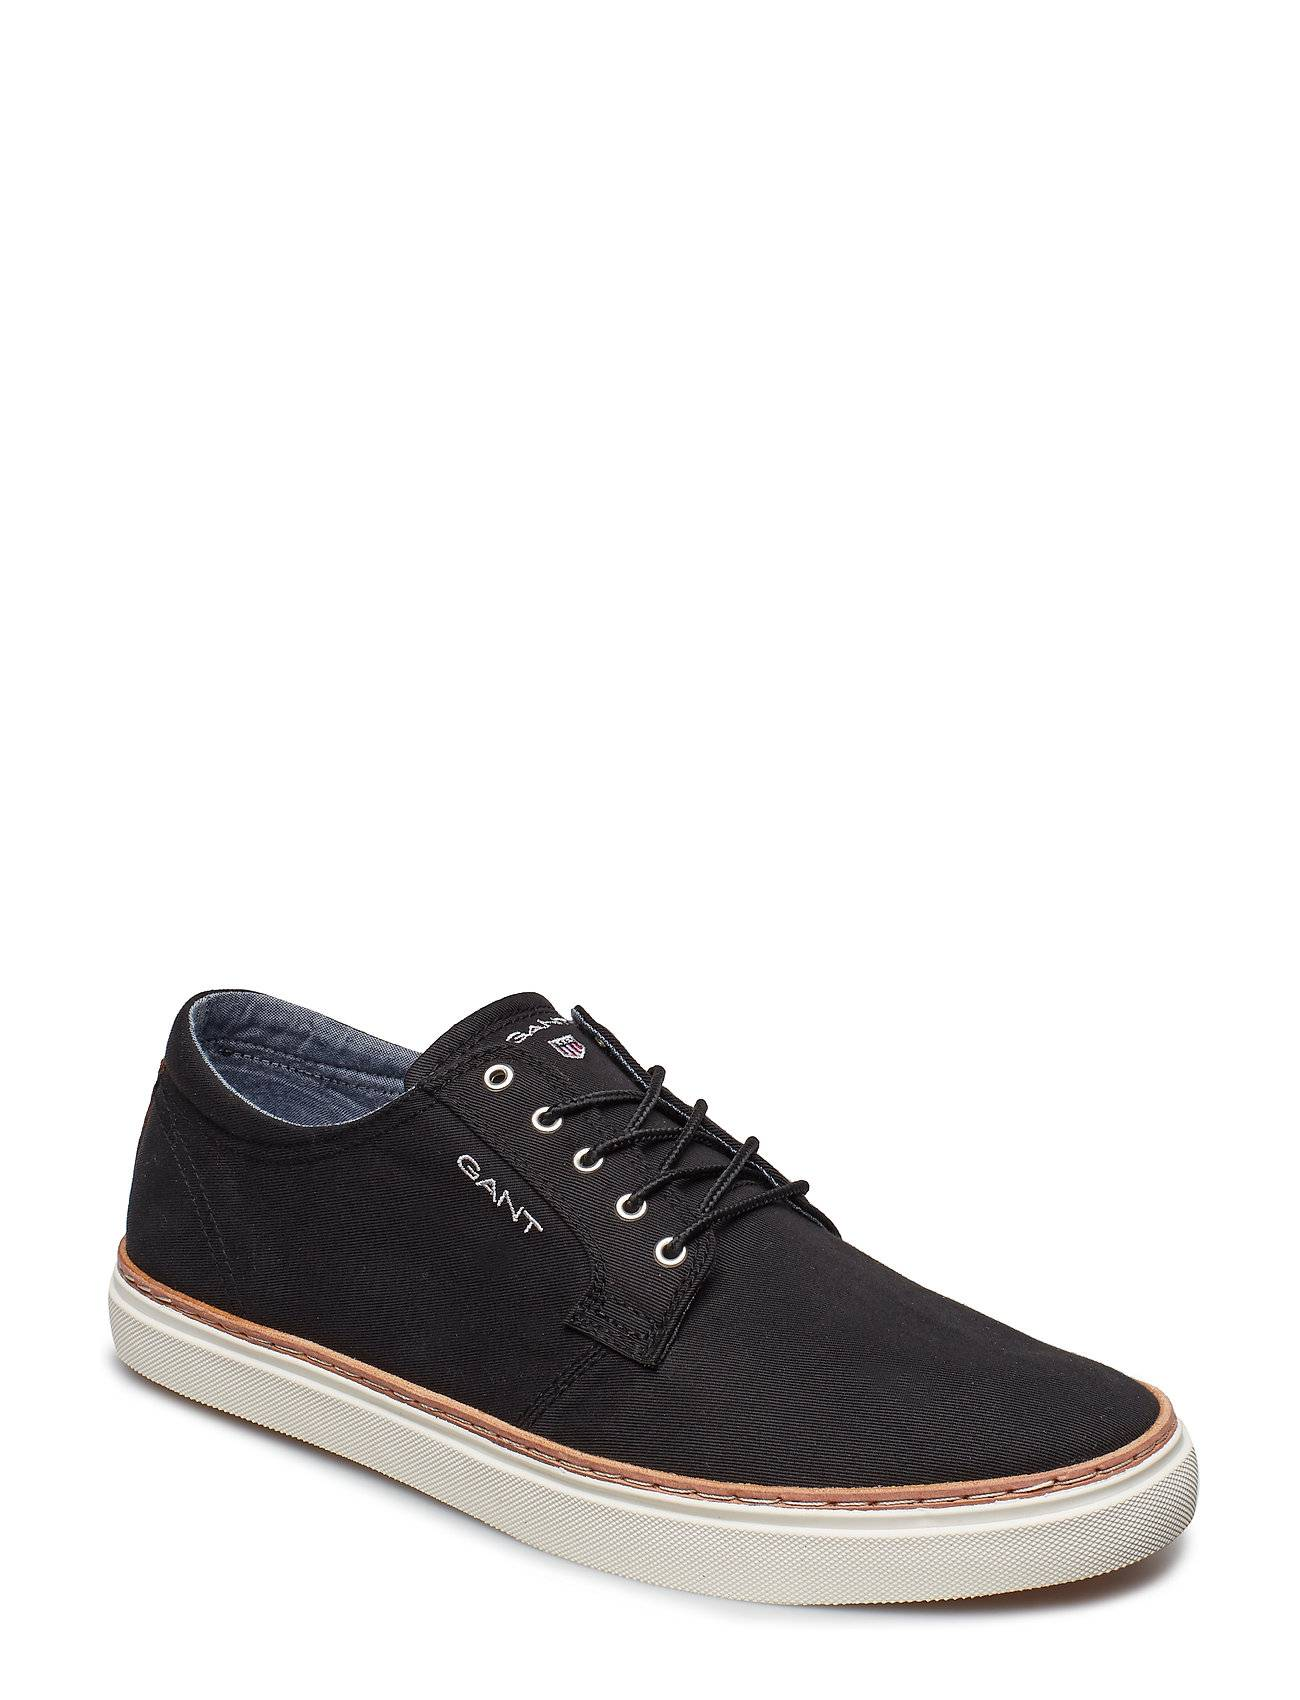 GANT Bari Low Lace Shoes